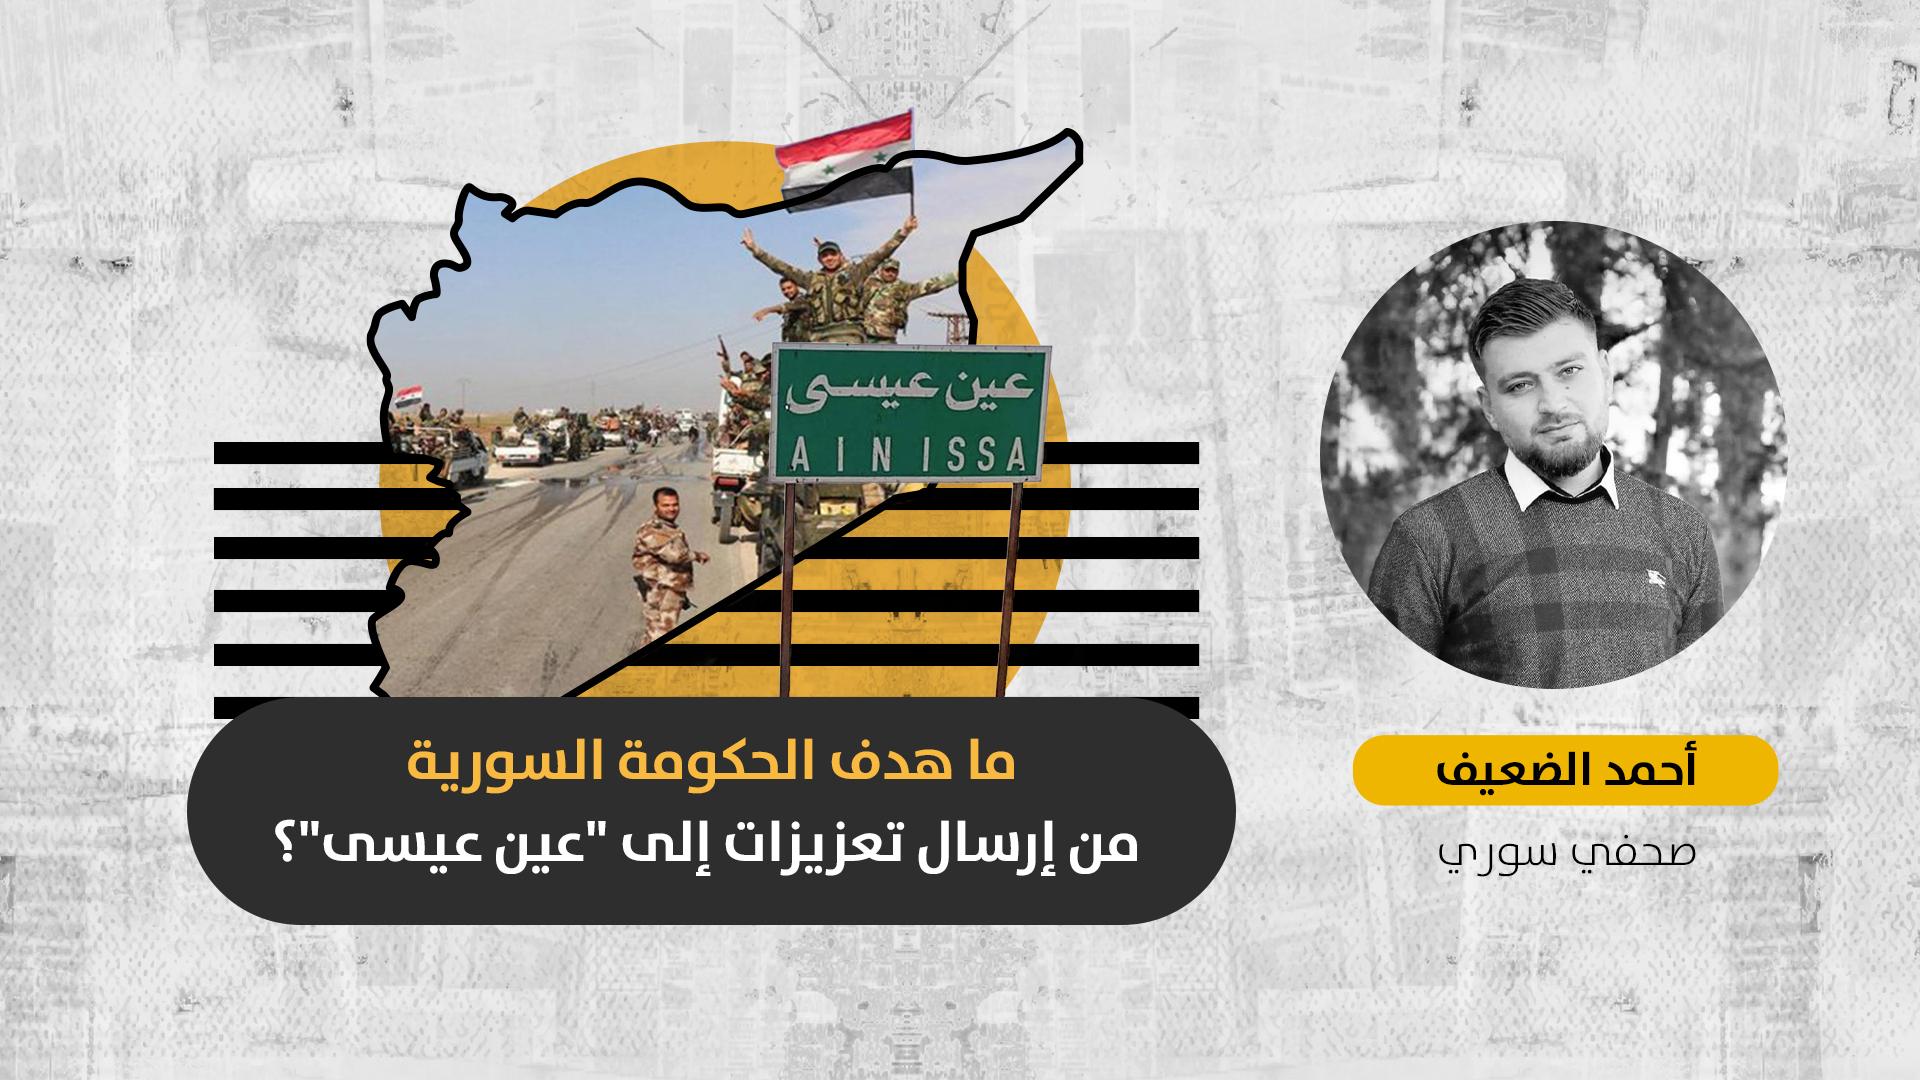 """القوات النظامية على مشارف """"عين عيسى"""": إلى أي مدى سيصل التصعيد بين """"قسد"""" والحكومة السورية شرقي الفرات؟"""